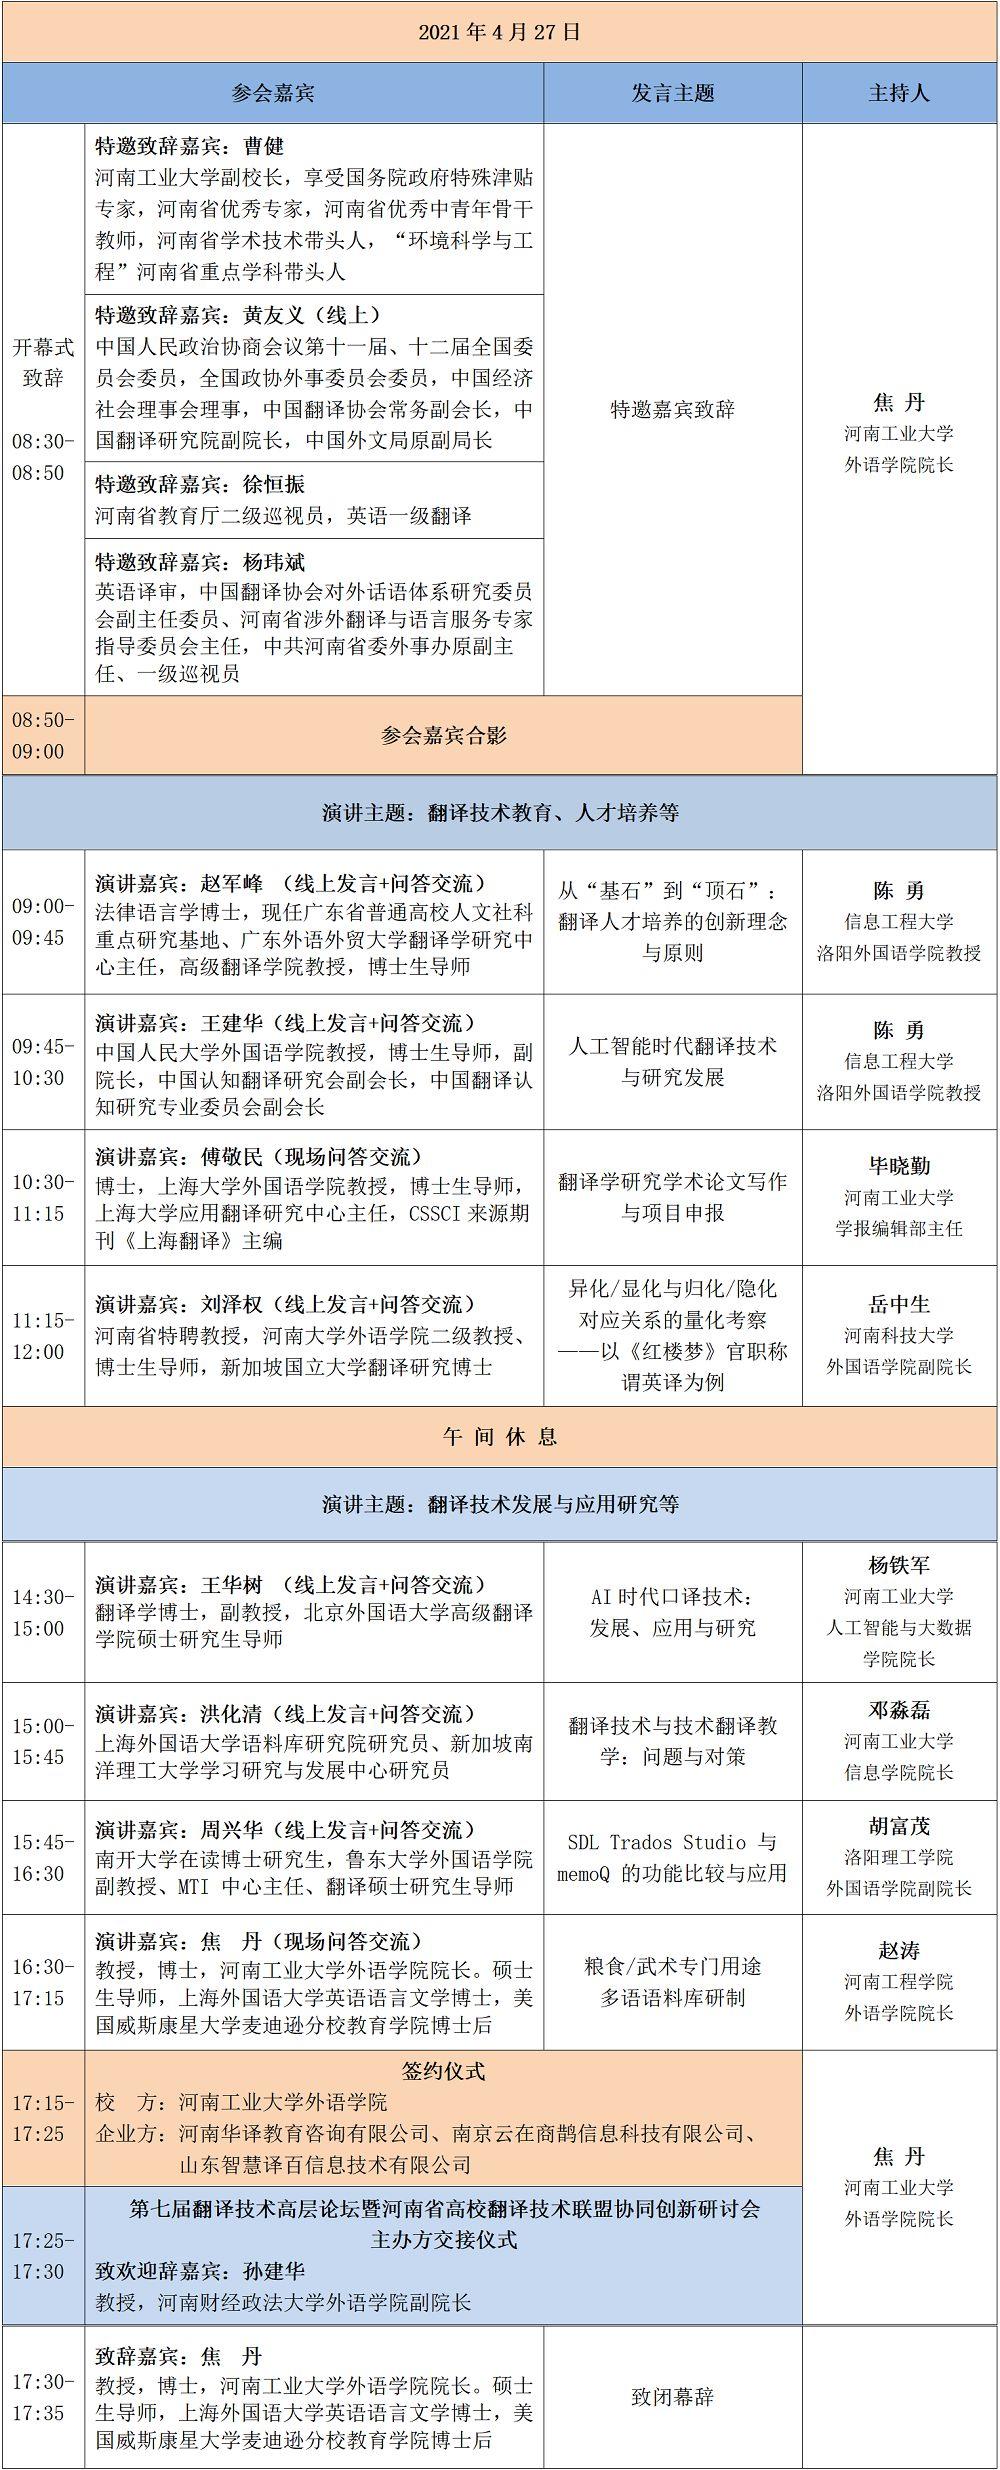 会议日程423-1000(1).jpg